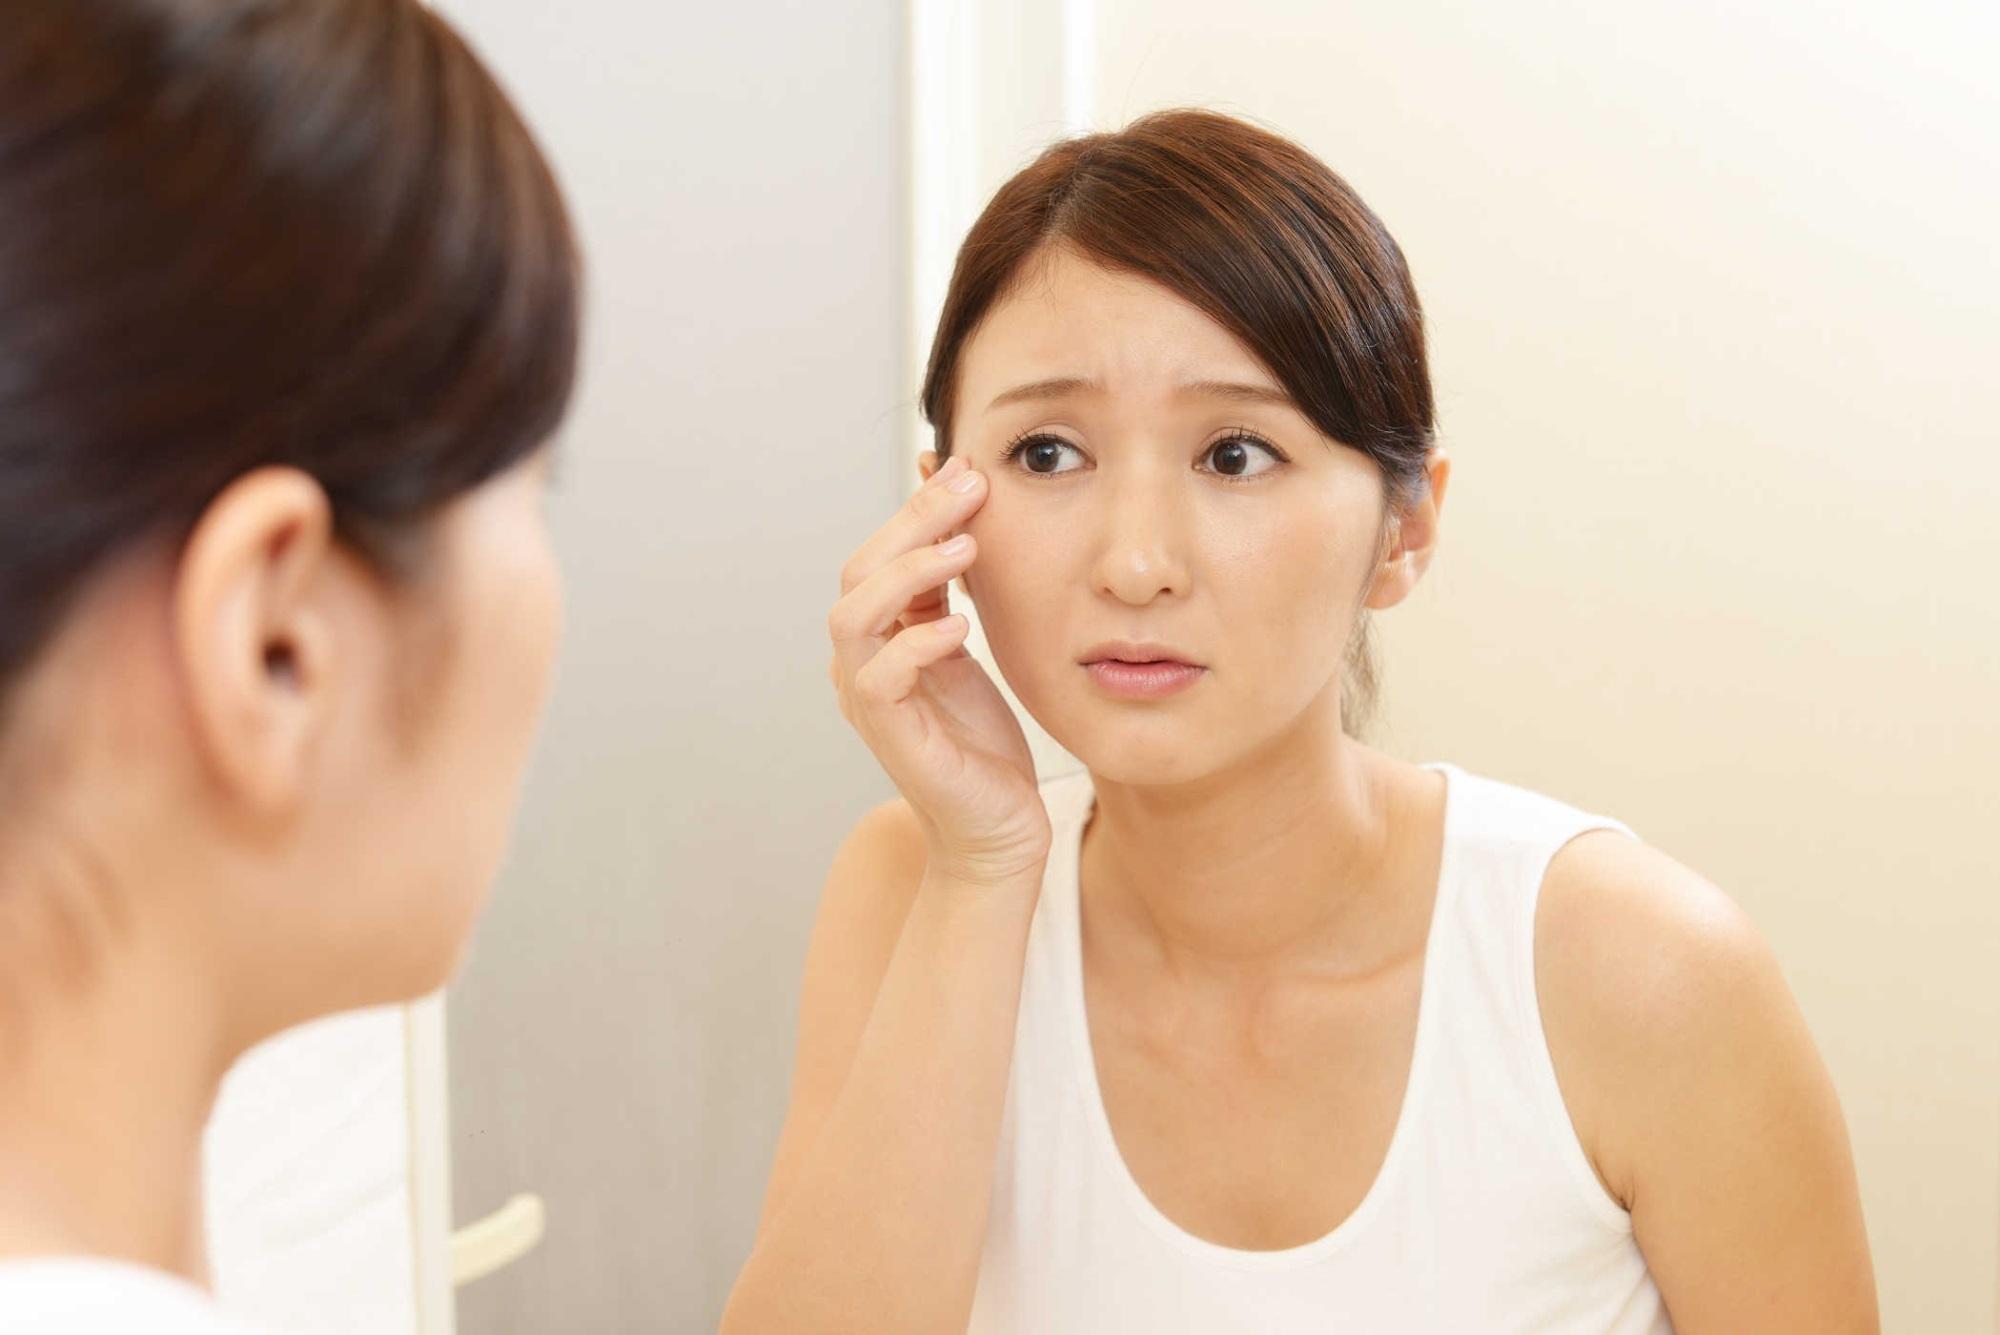 Đây là 4 quy tắc chăm sóc da mà phụ nữ U30 cần làm mỗi ngày để đẩy lùi lão hóa, duy trì nhan sắc tươi trẻ - Ảnh 2